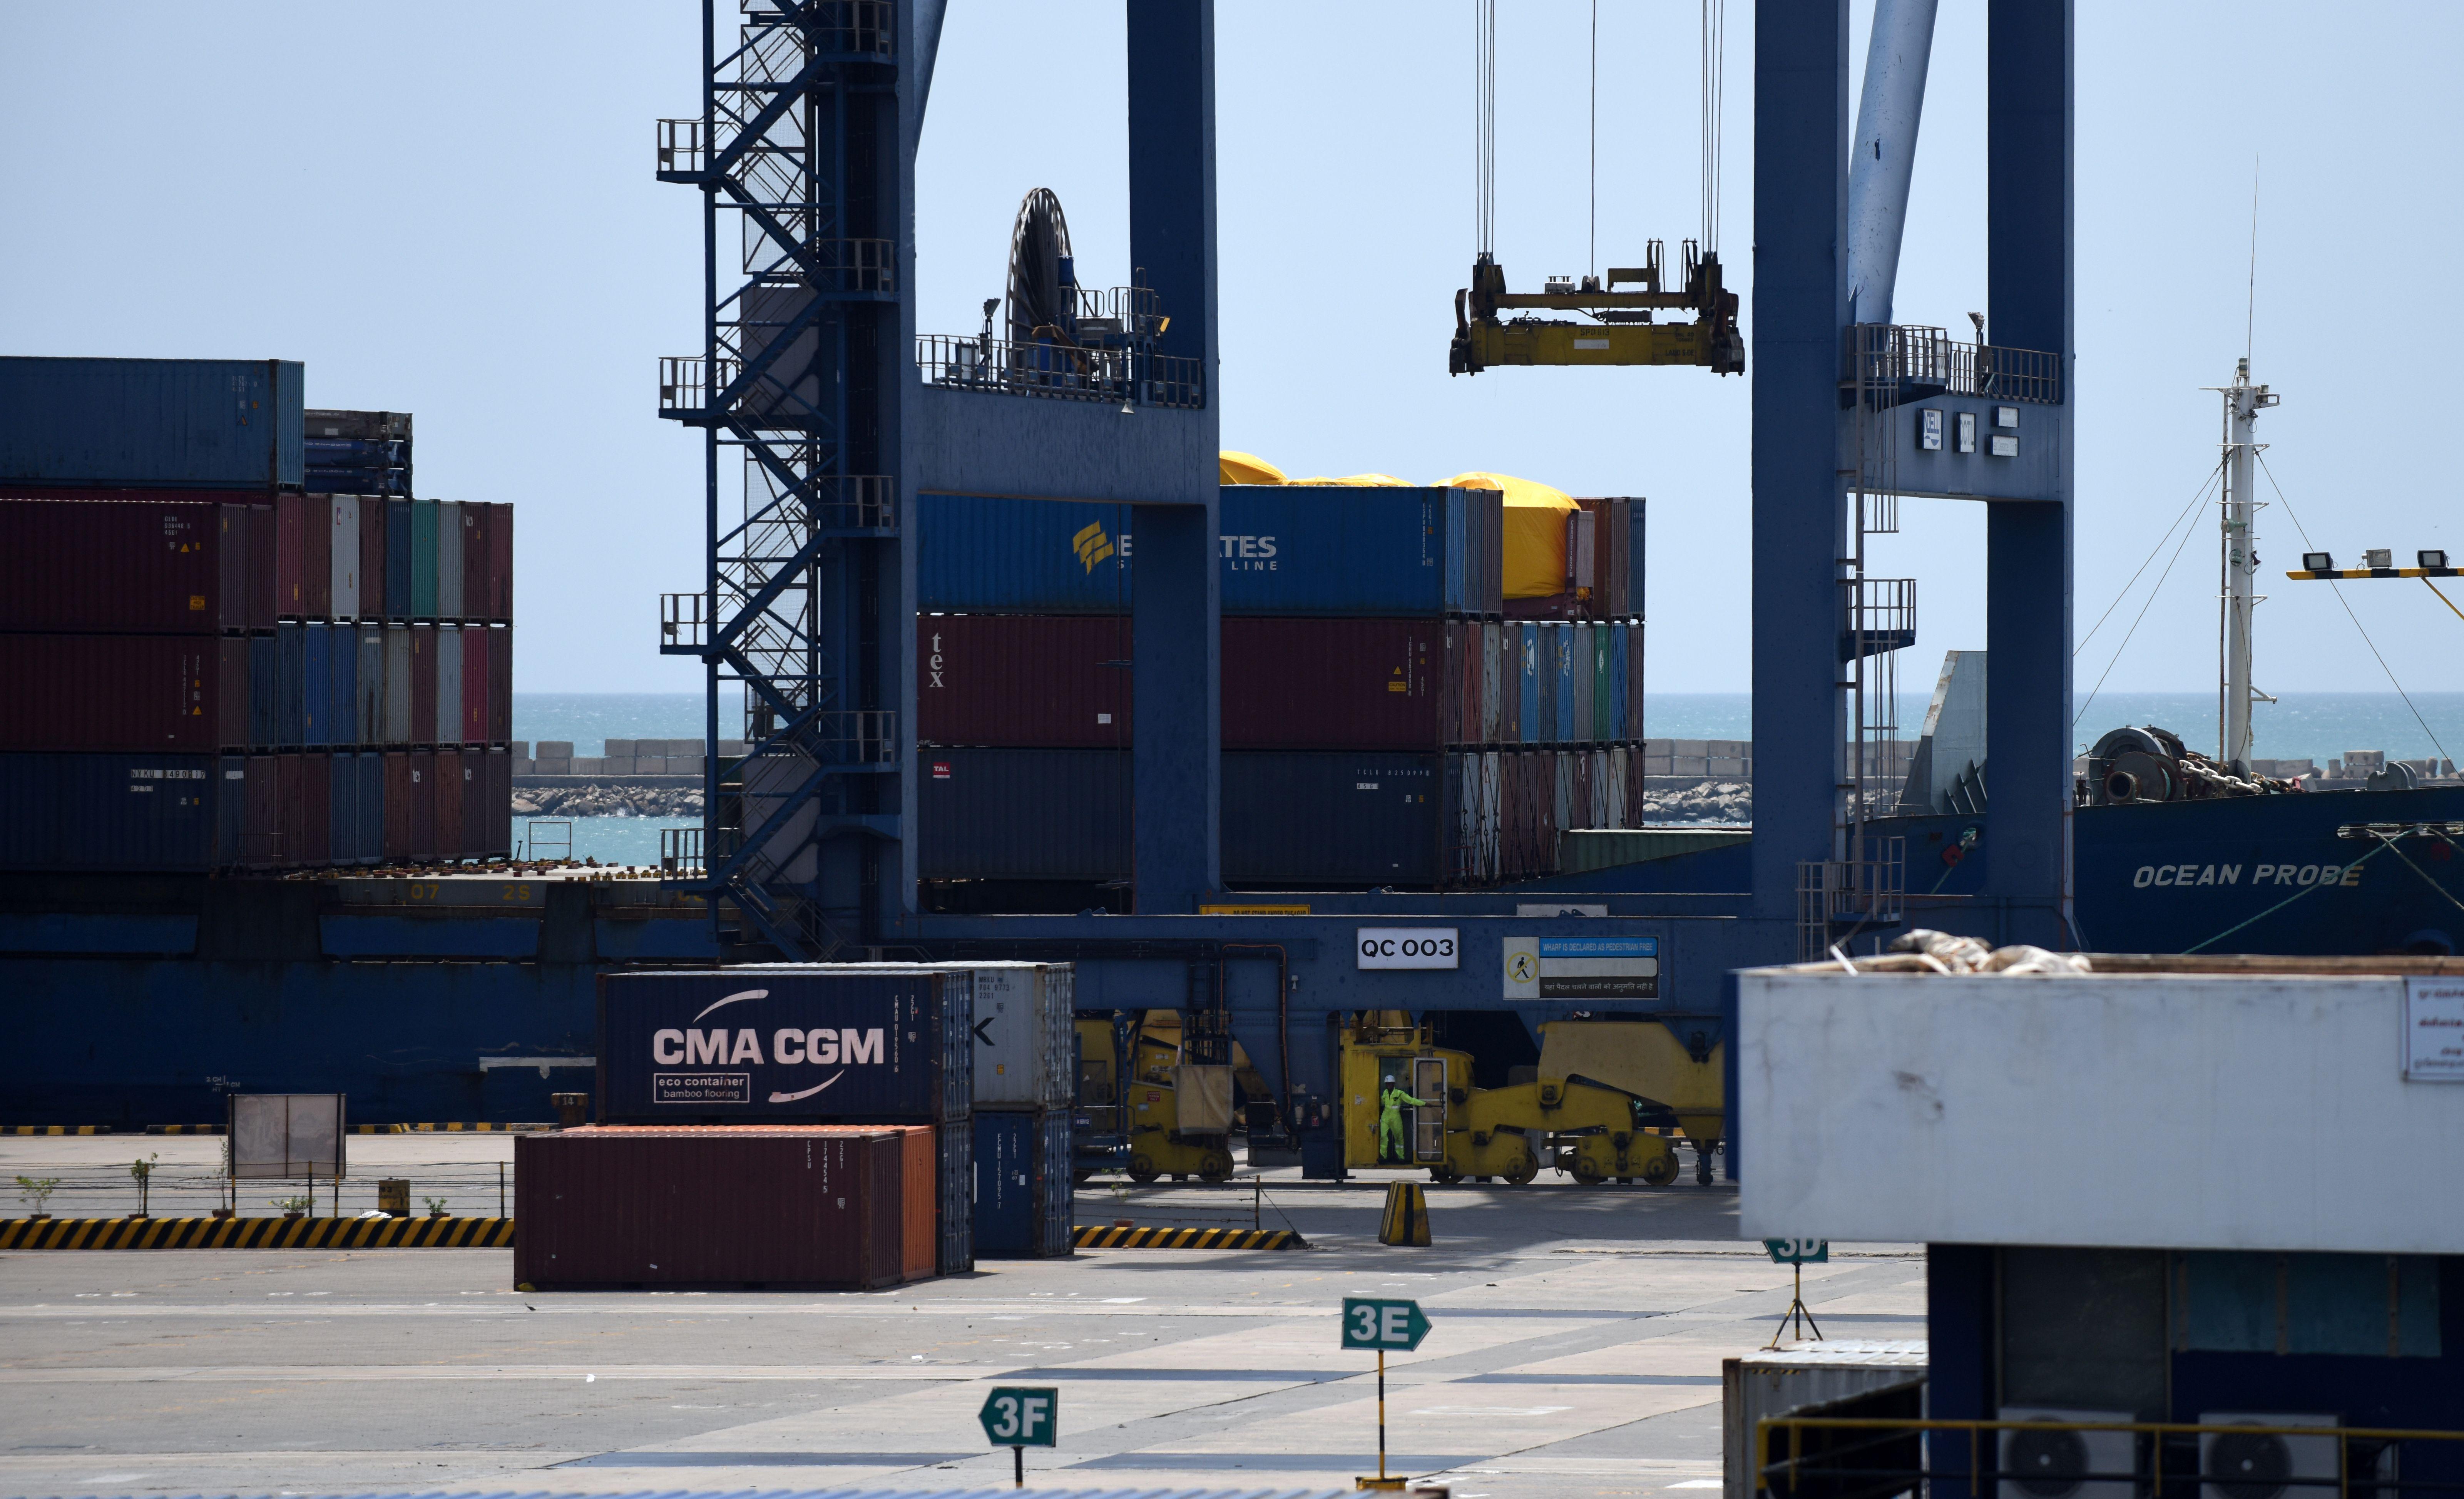 路透社引述消息人士的話說,美國貿易代表辦公室(USTR)正評估印度的「美國普遍優惠關稅制度」(Generalized System of Preferences, GSP)受益國地位,或考慮撤銷涉及其56億美元產品的零關稅優惠待遇。圖為印度一港口。(ARUN SANKAR/AFP/Getty Images